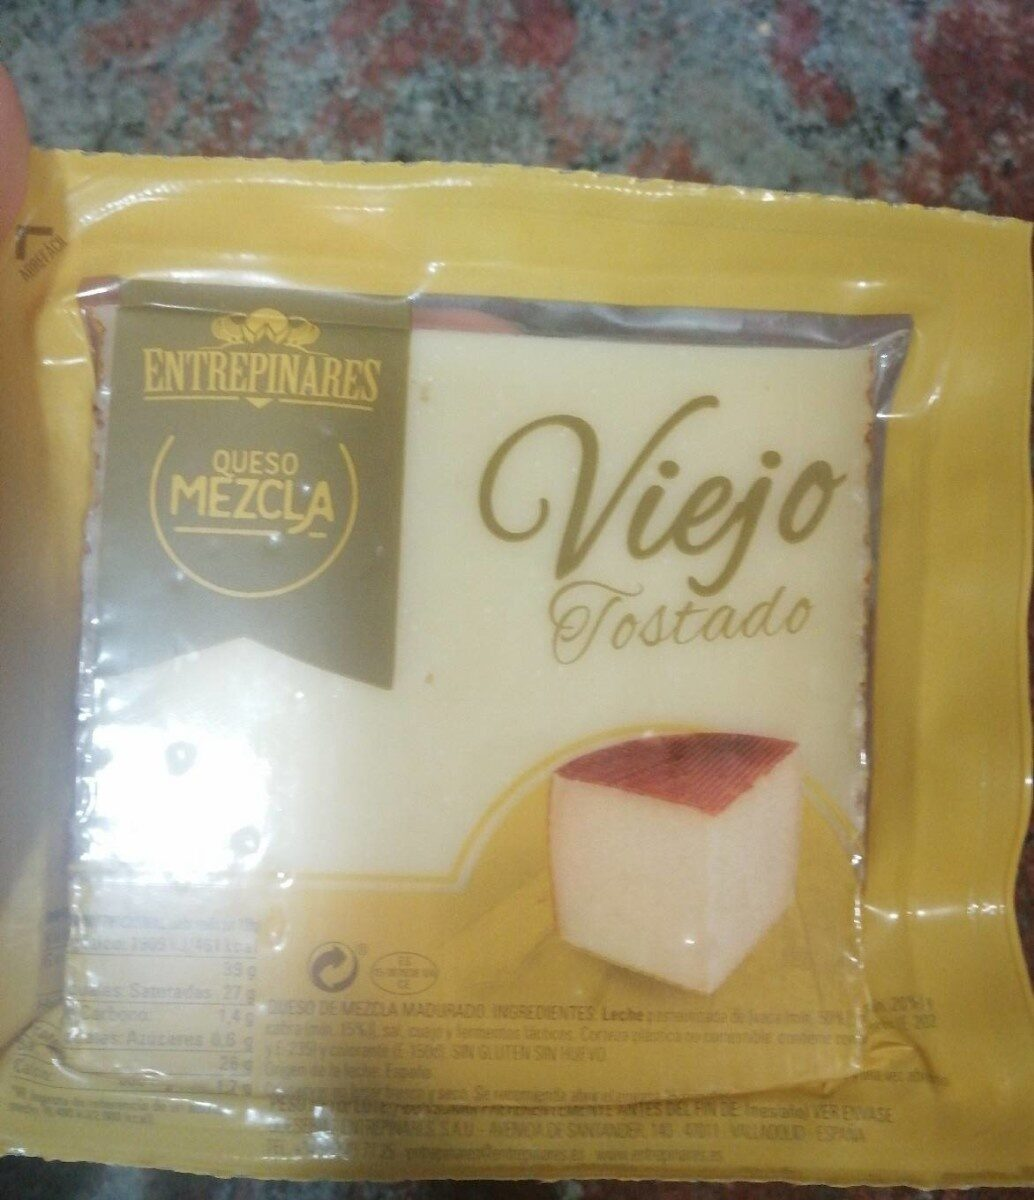 Queso viejo tostado del mercadona - Producto